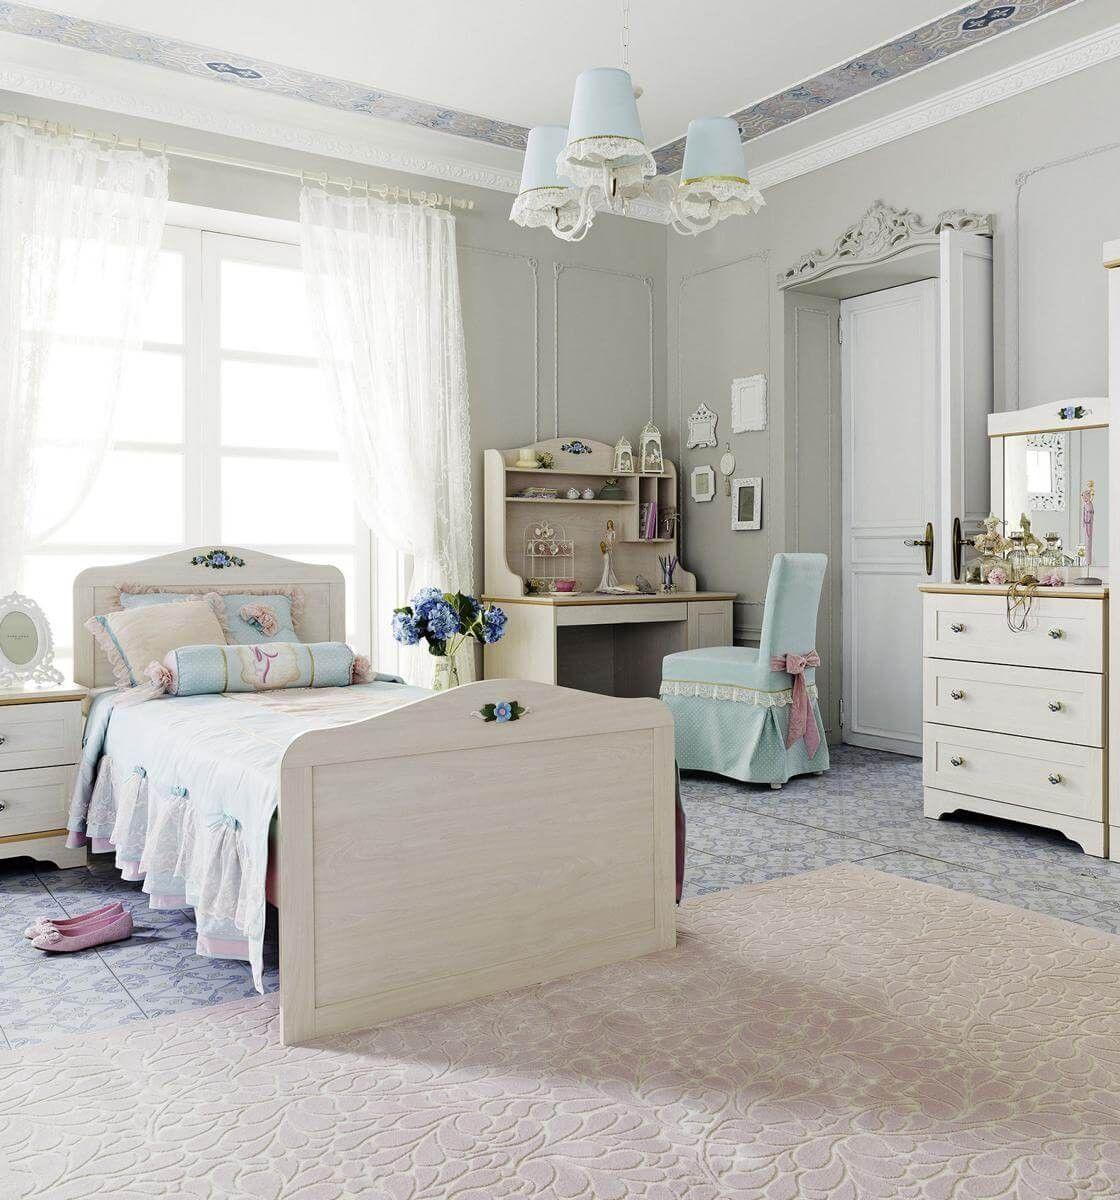 Fabulous Kinderzimmer Fiora im Landhaus Stil mit Naturholz Elementen Jetzt Cilek M bel Online bestellen und finanzieren